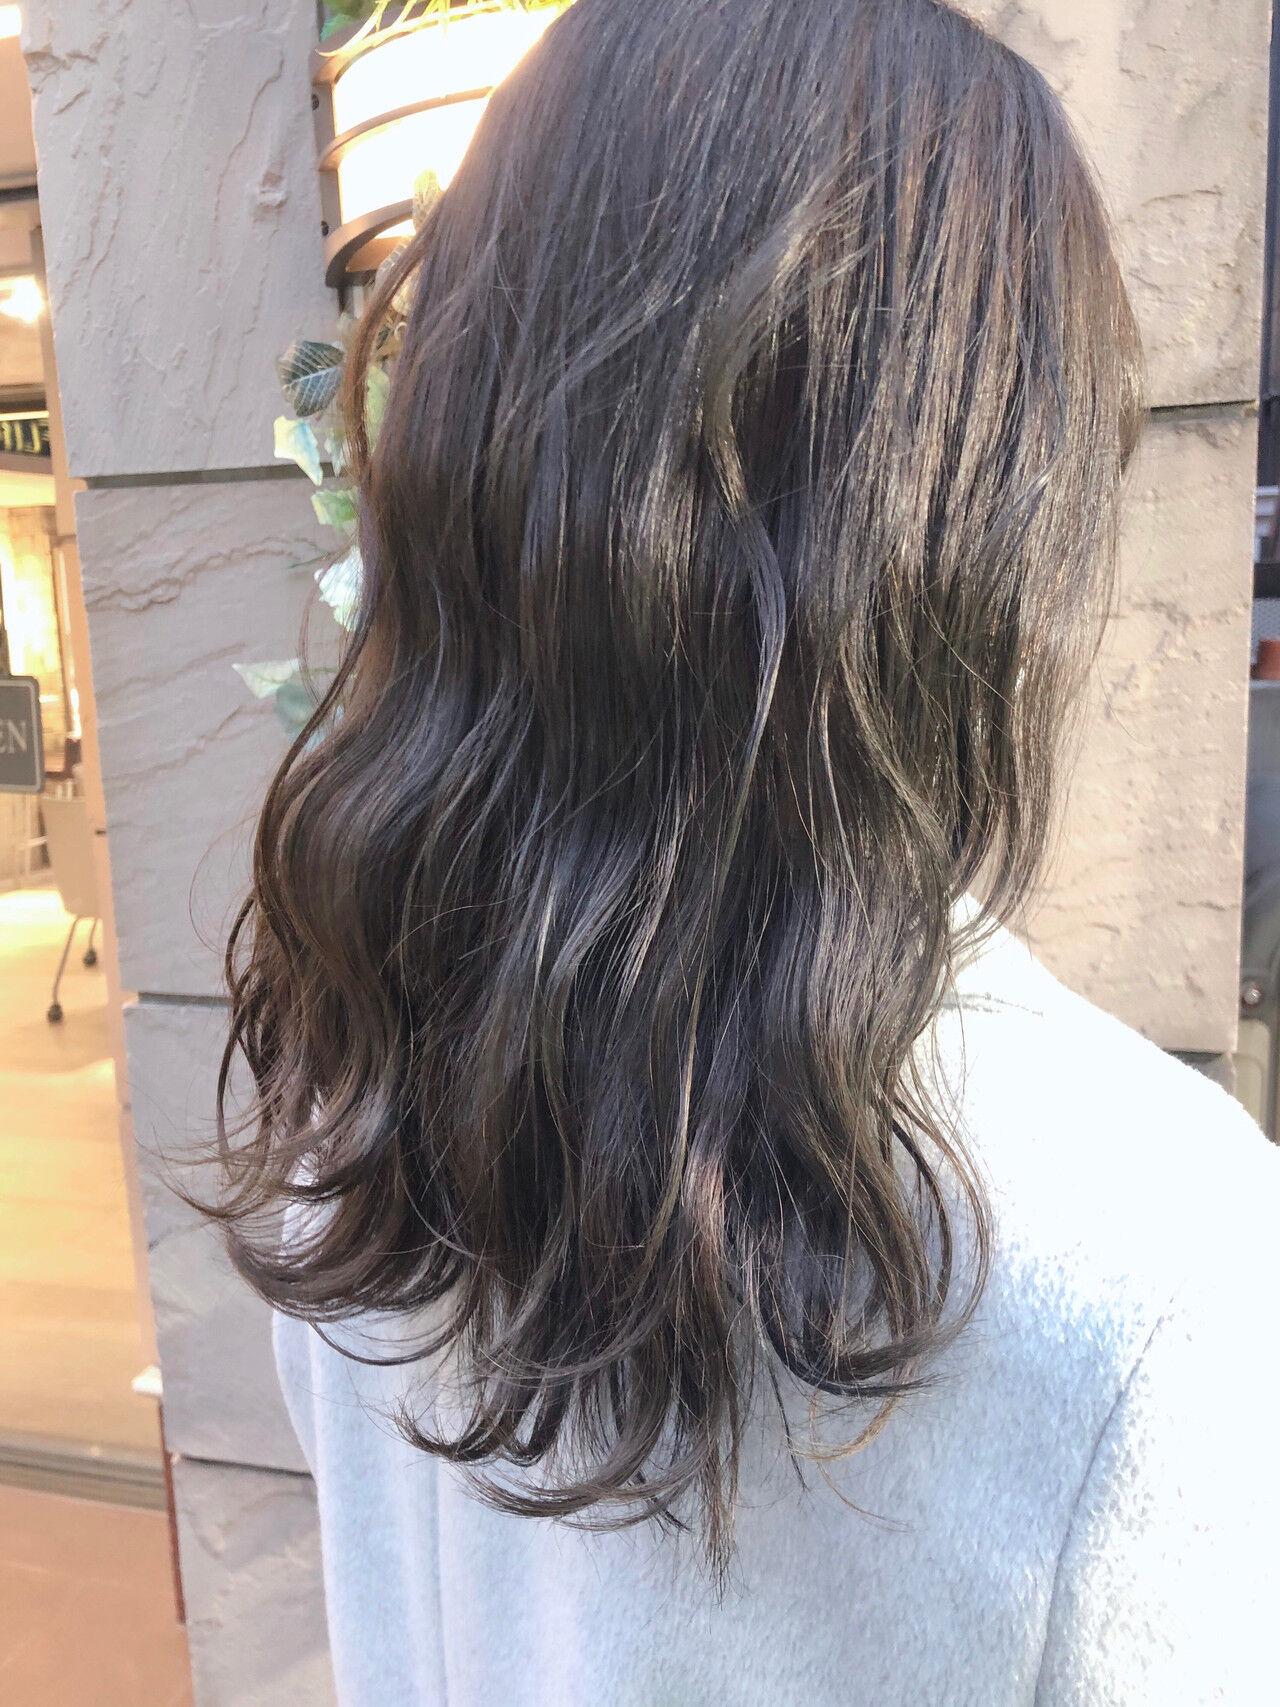 ミルクティーベージュ ツヤ髪 伸ばしかけ ナチュラルヘアスタイルや髪型の写真・画像